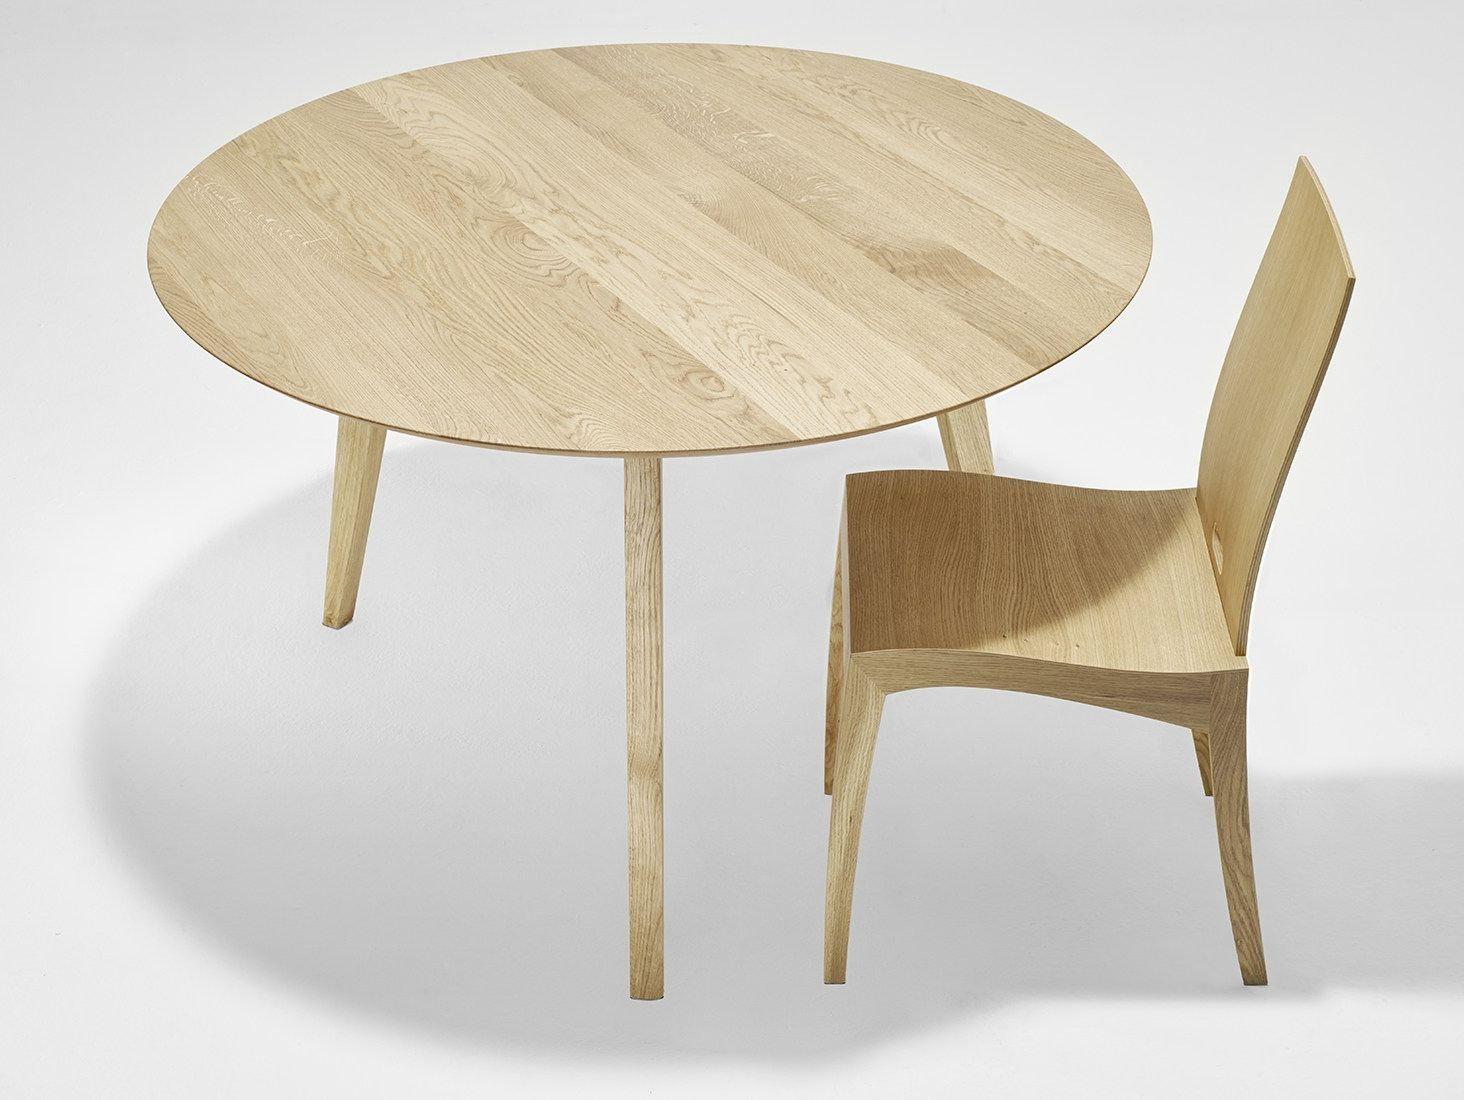 Tavolo Da Pranzo Rotondo FINN Tavolo Rotondo Sixay Furniture #644D2B 1464 1100 Dove Mettere Il Tavolo Da Pranzo